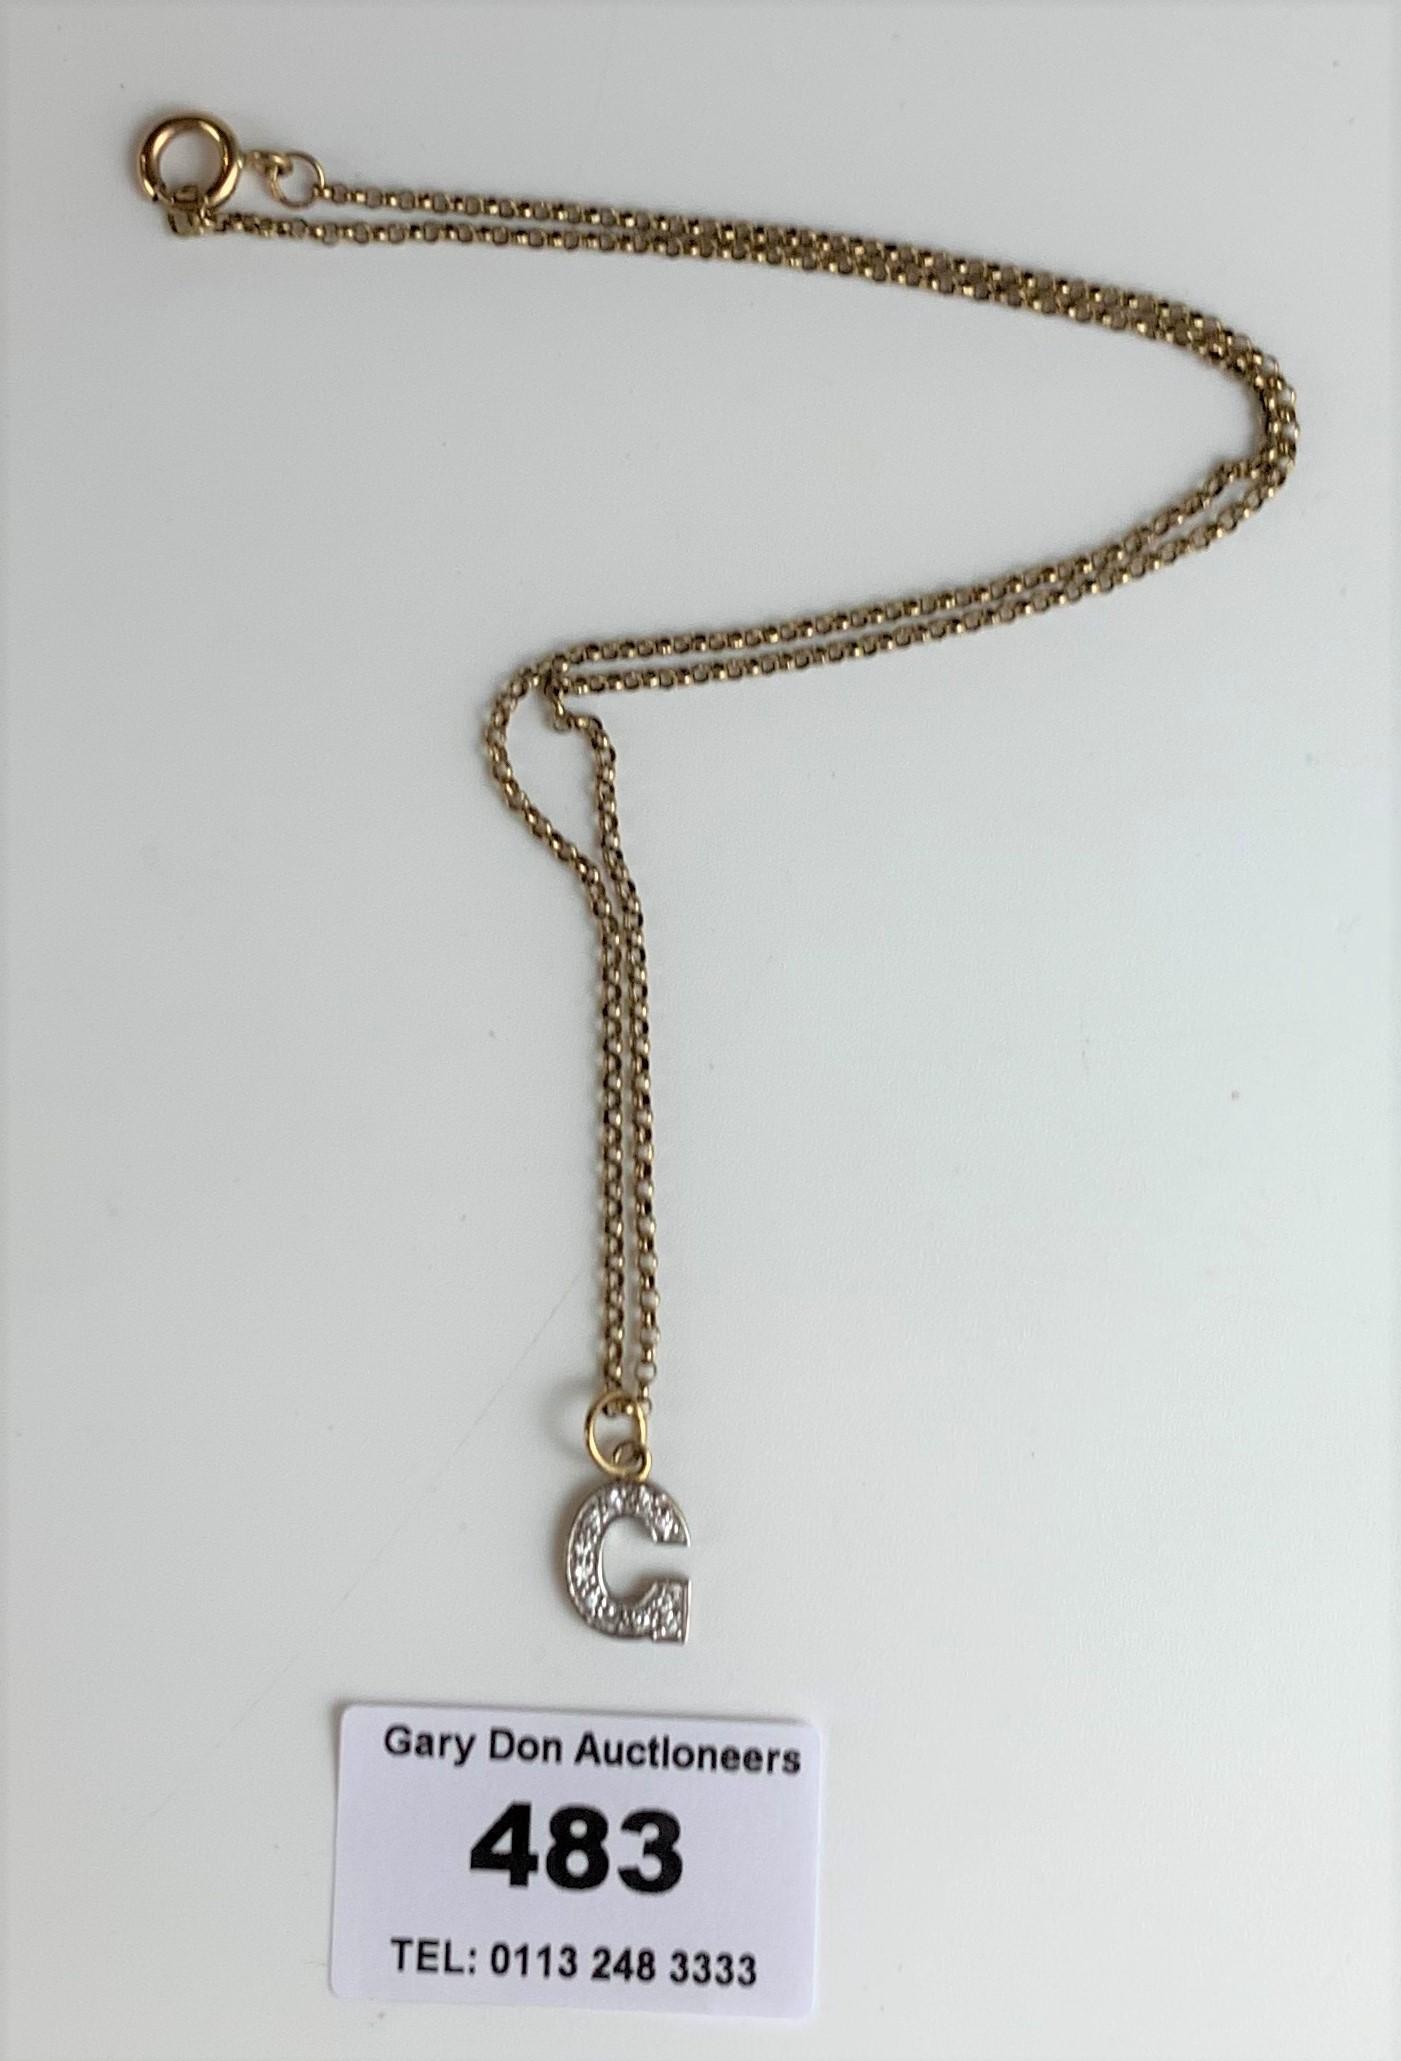 """9k gold necklace with G pendant, length 16"""" plus .5"""" pendant, w: 3.4 gms"""